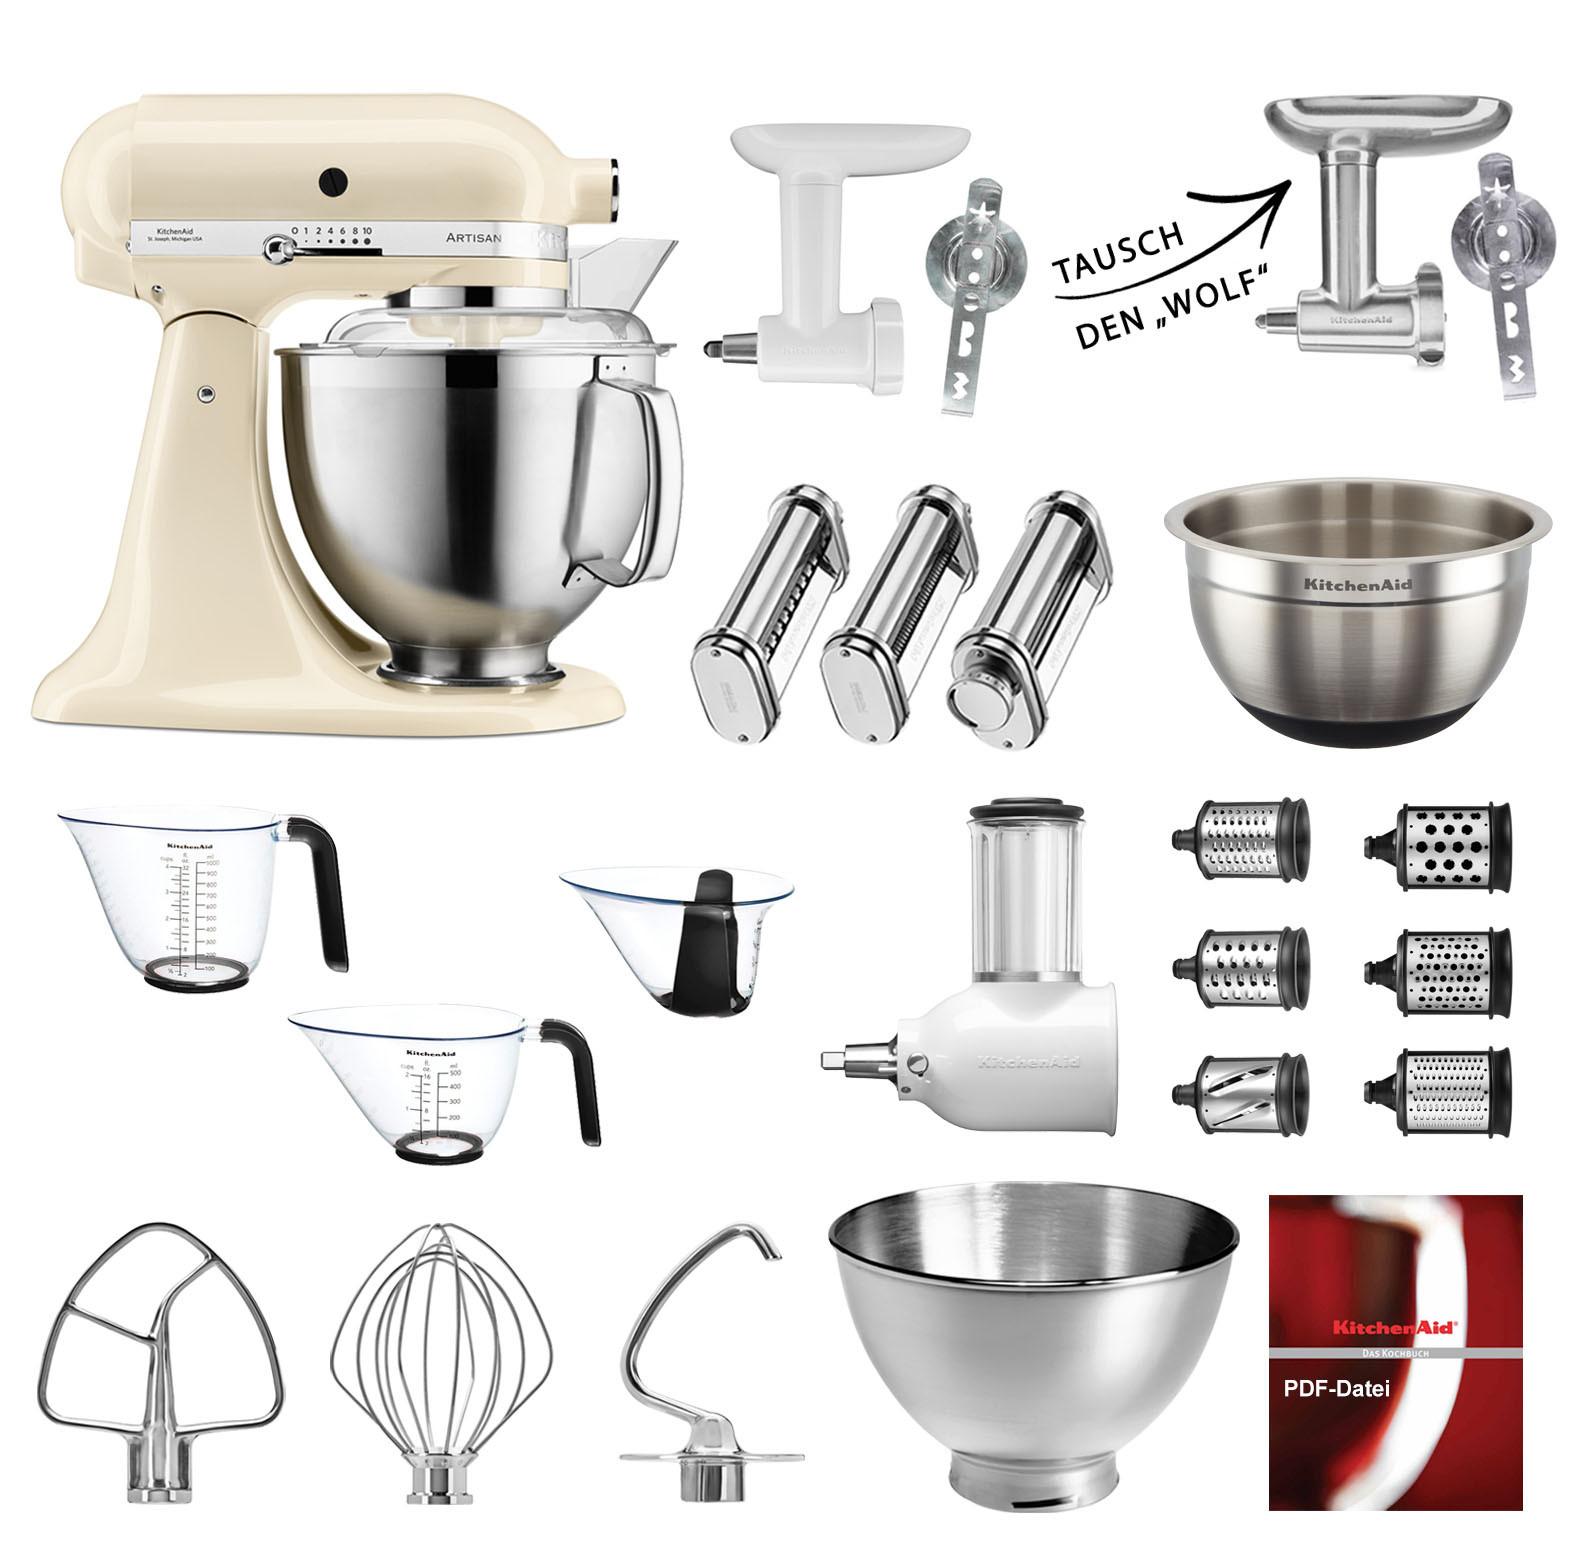 5KSM185PSEAC Mega-Paket Artisan Küchenmaschine